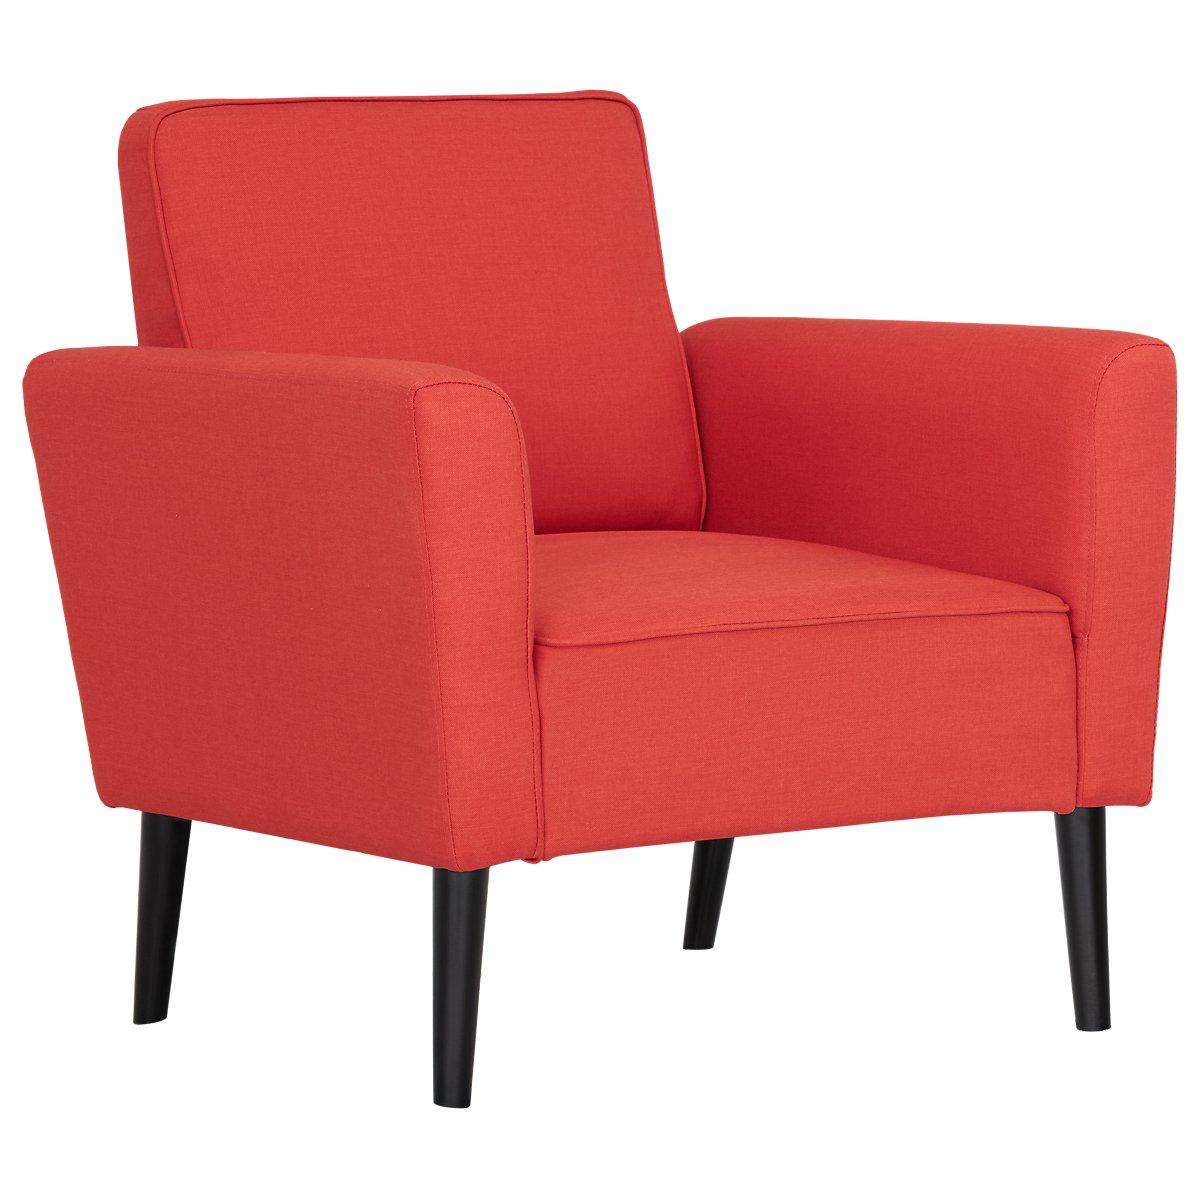 City Furniture Sage Orange Accent Chair